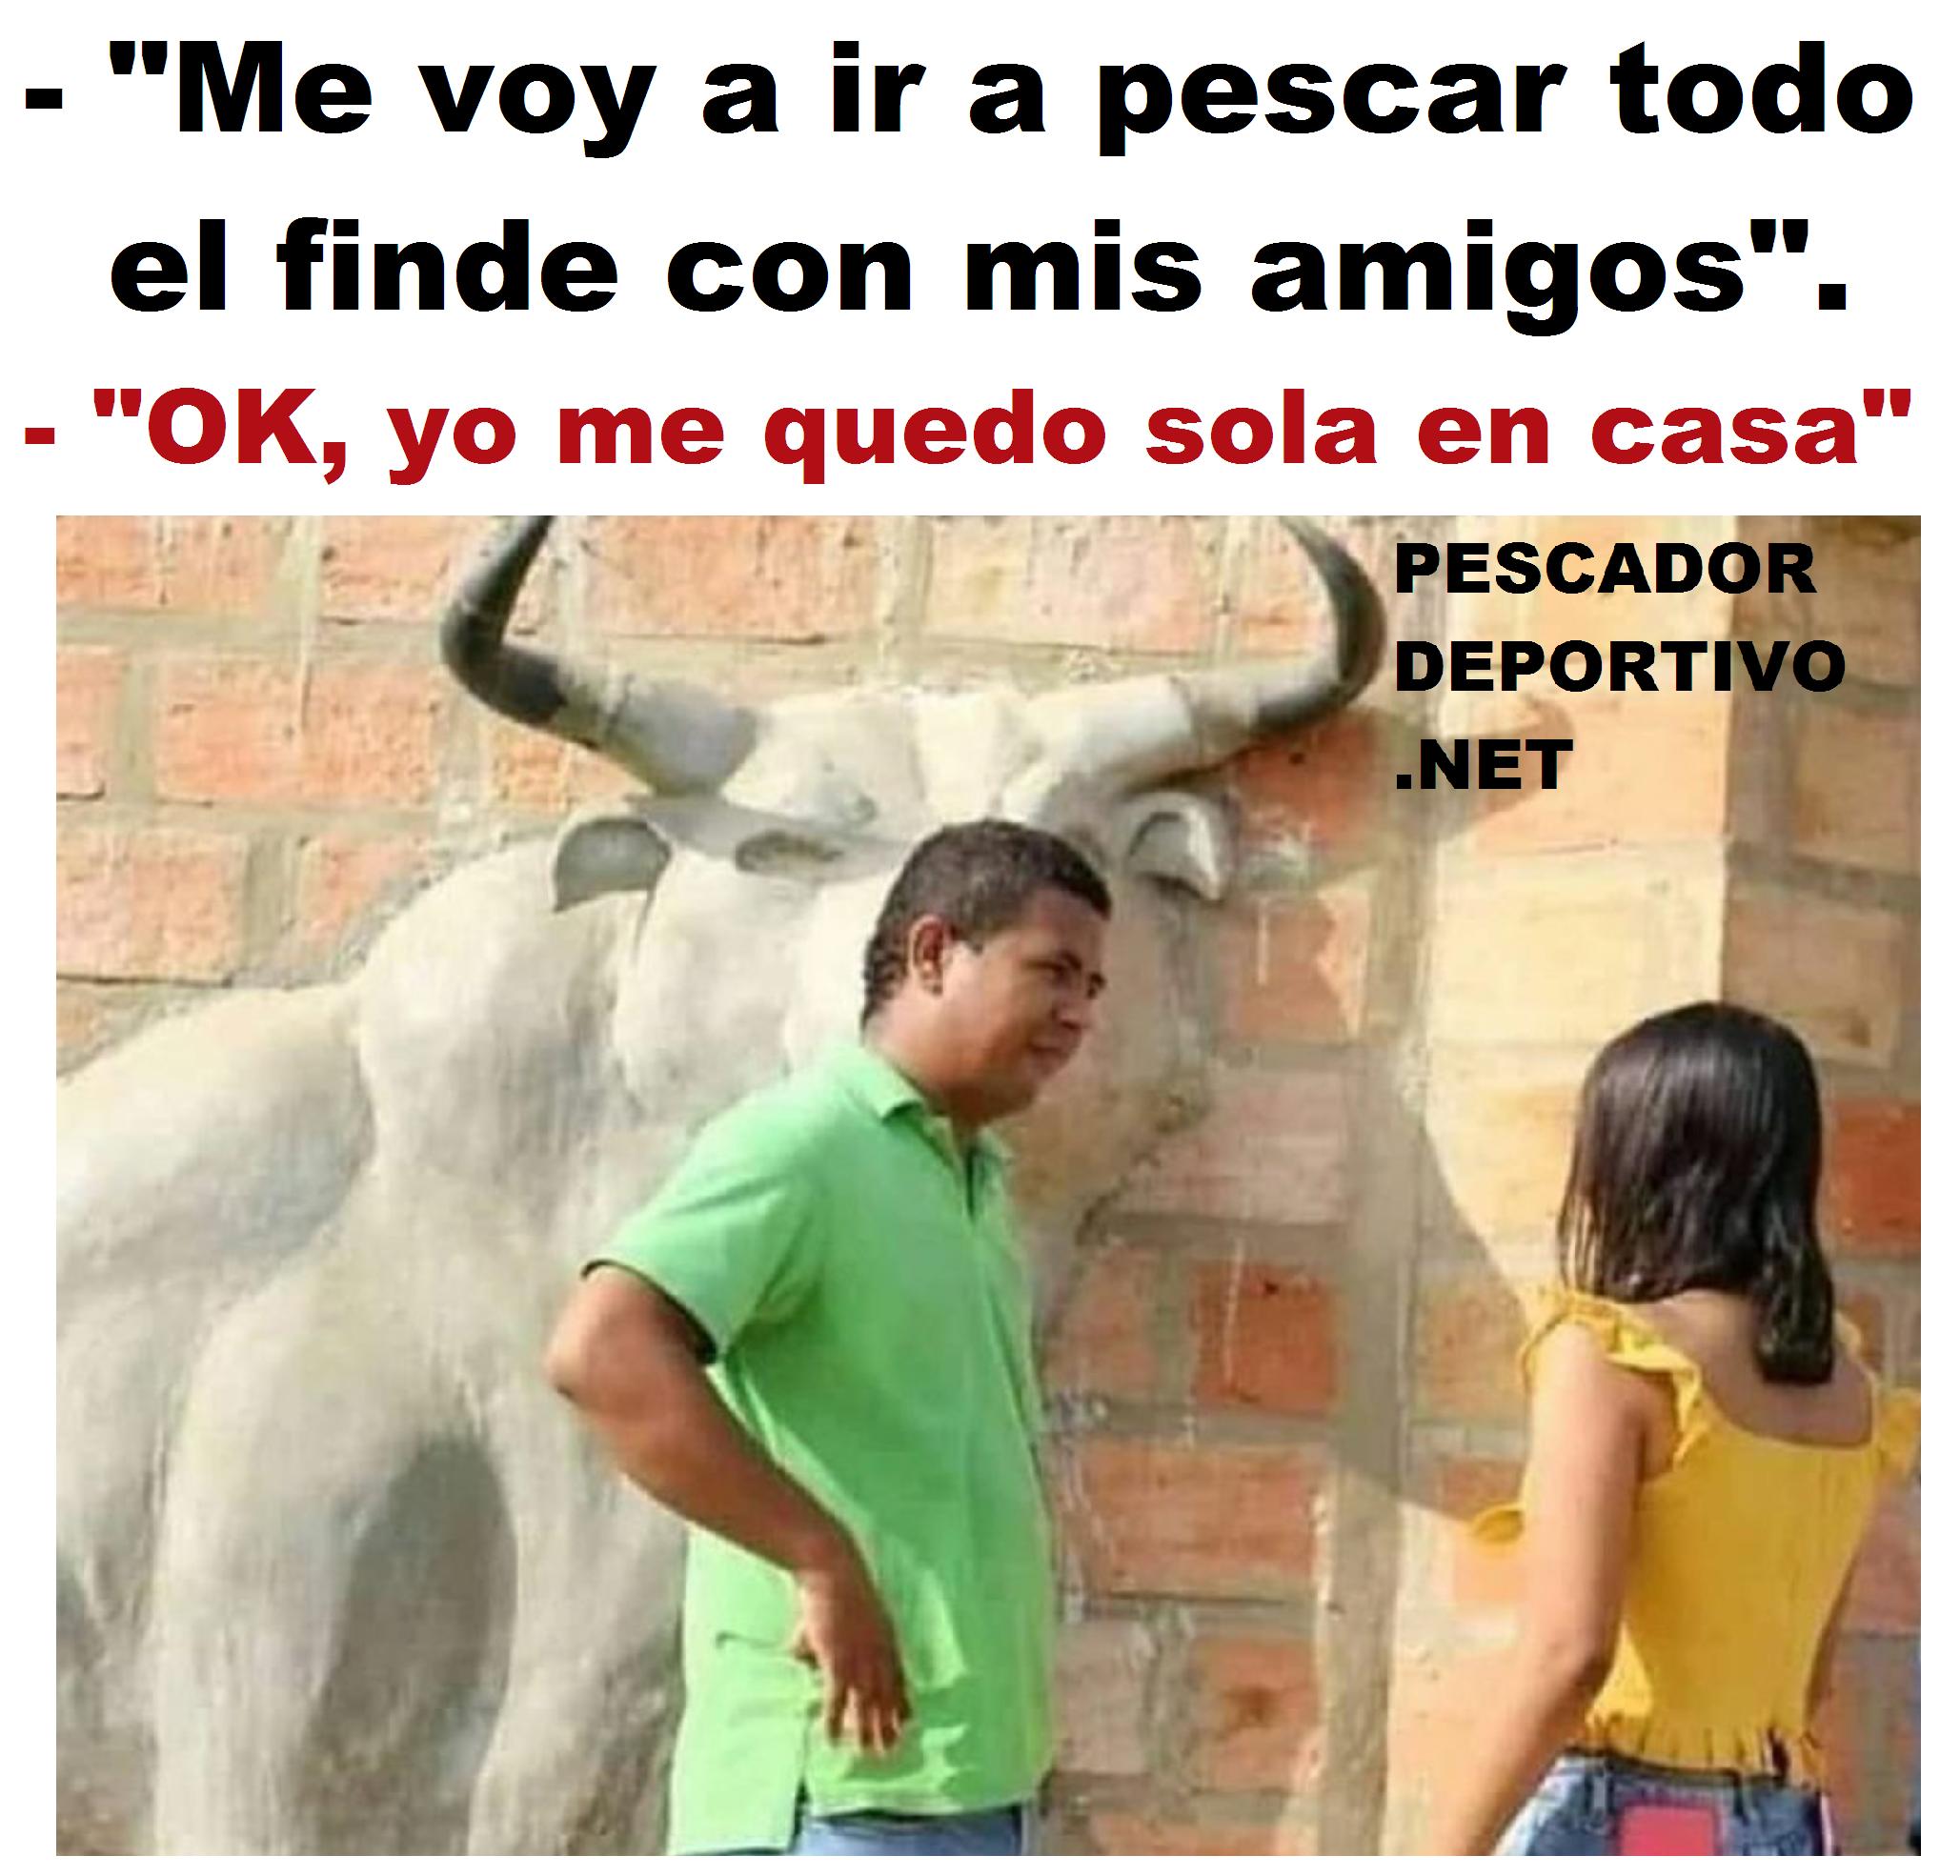 SOLA EN CASA